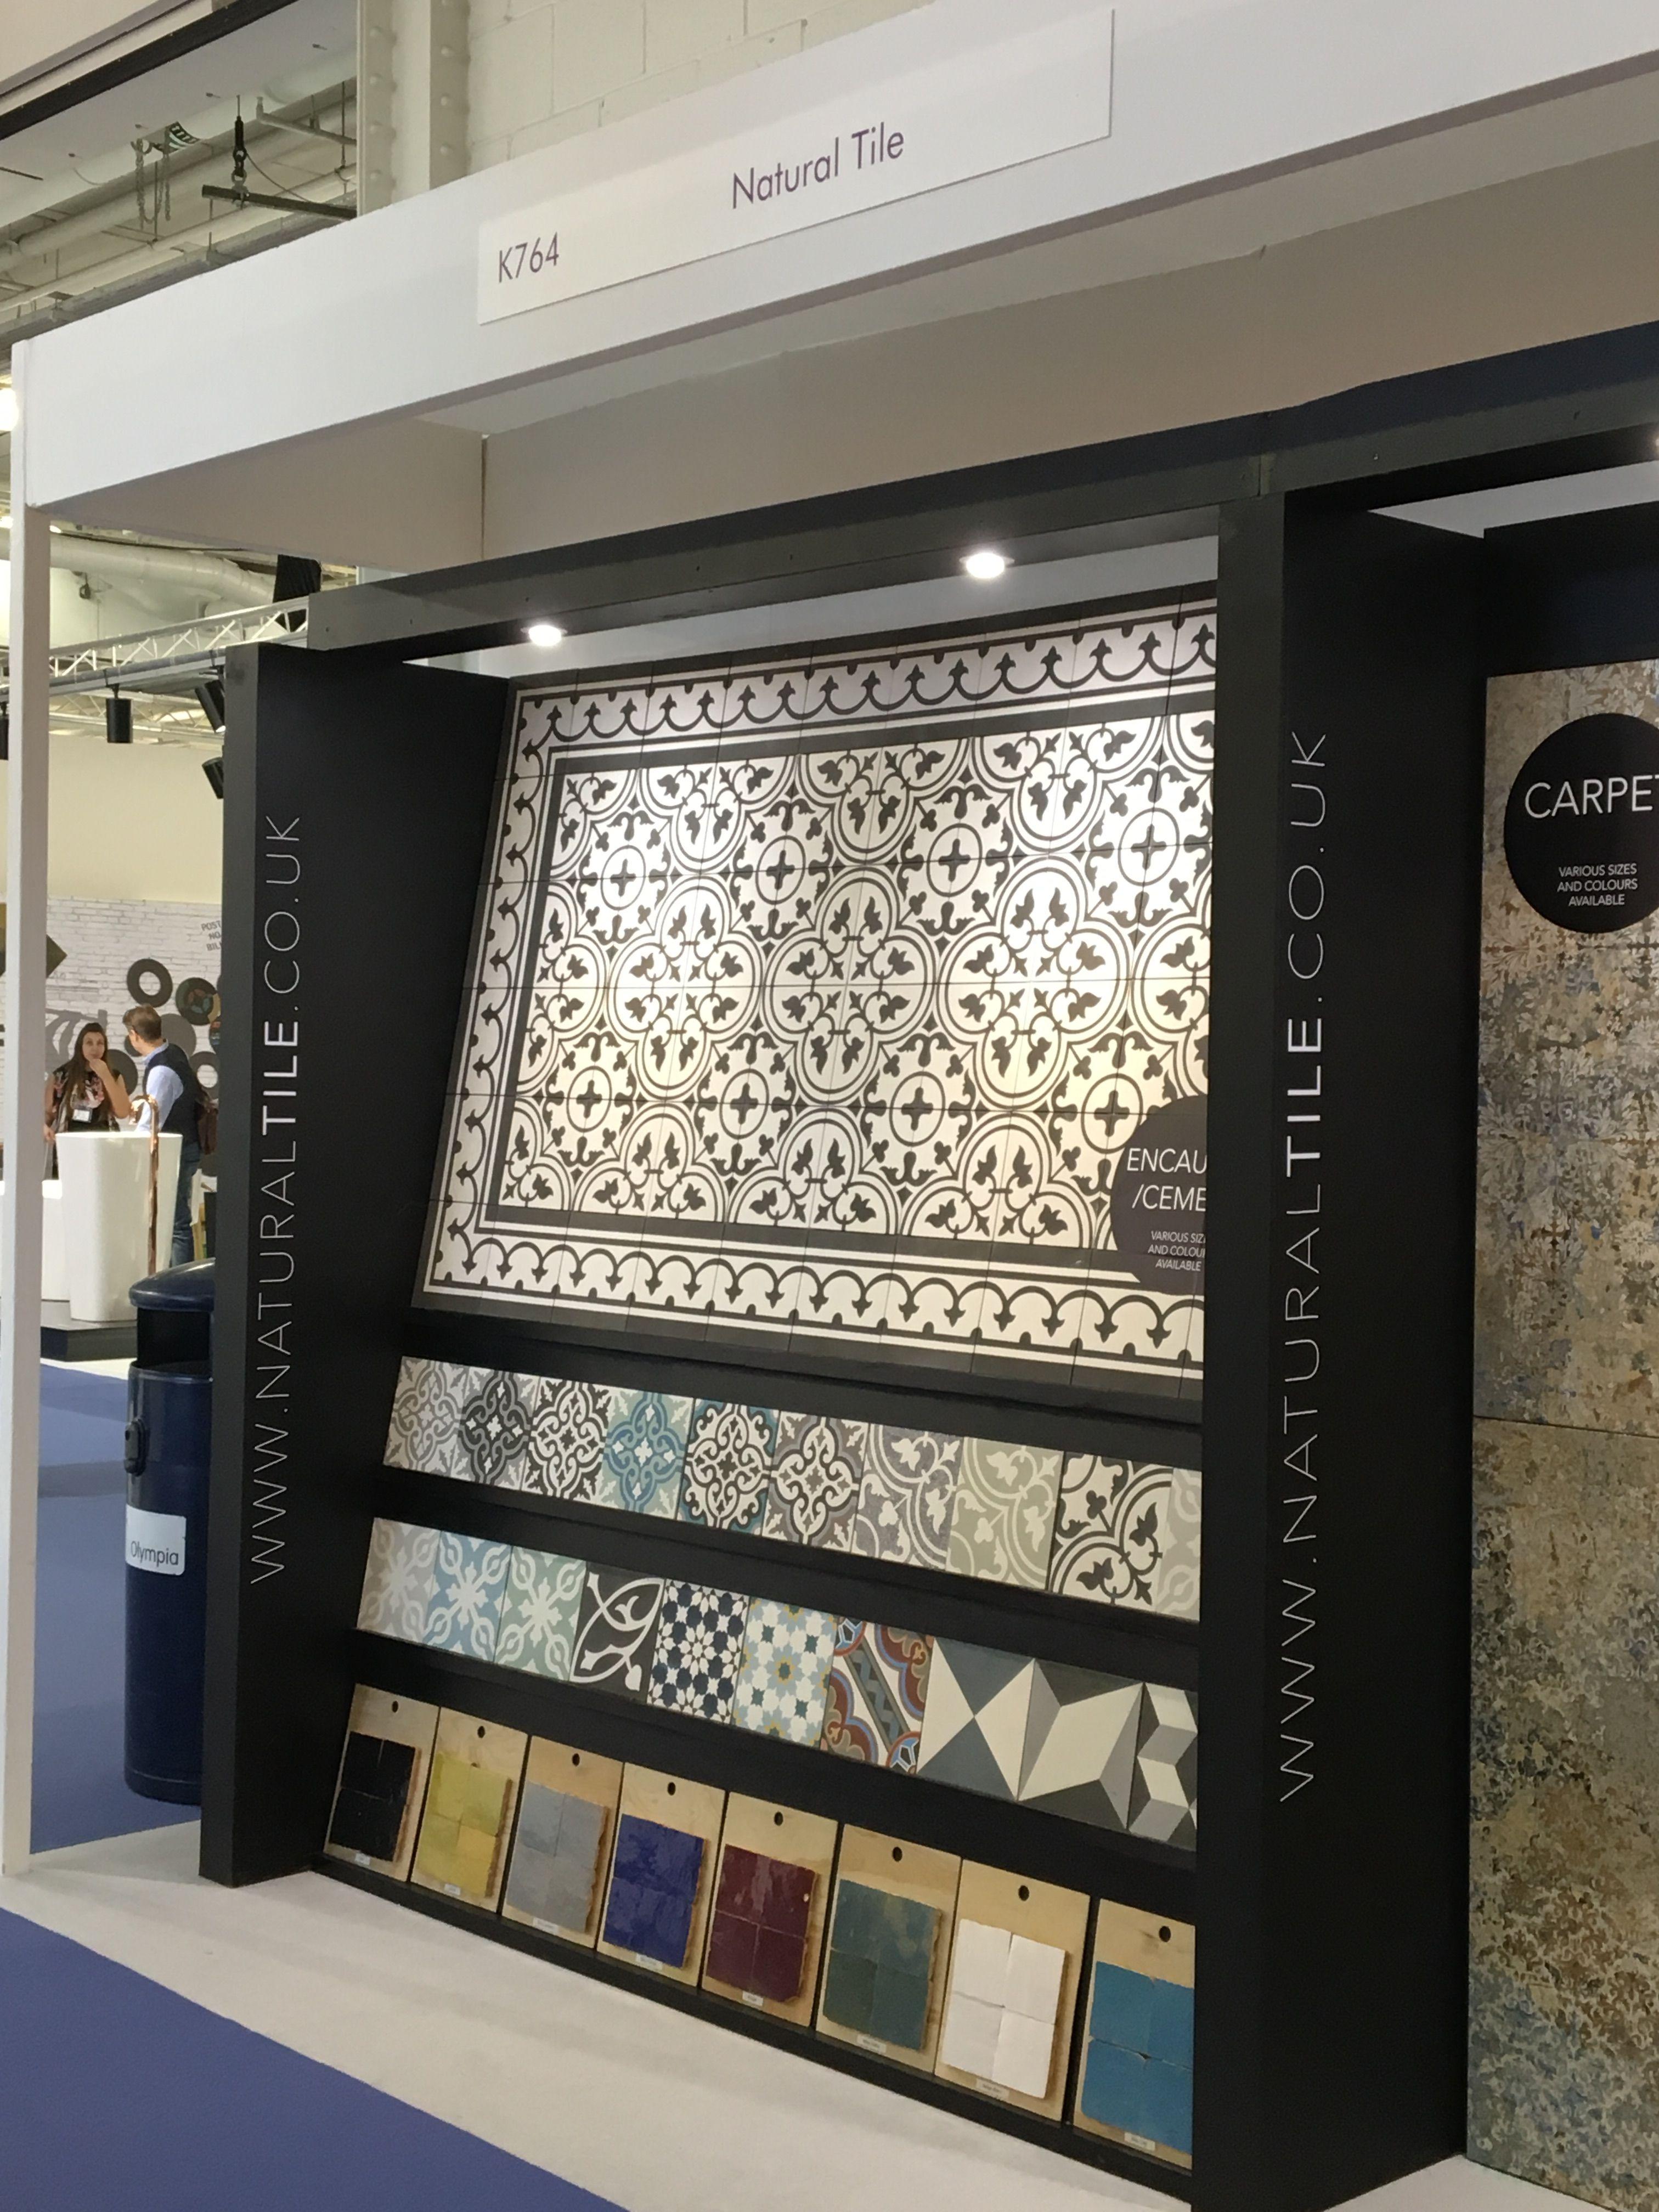 Percentdesign design ldf ldf tradeshows exhibition